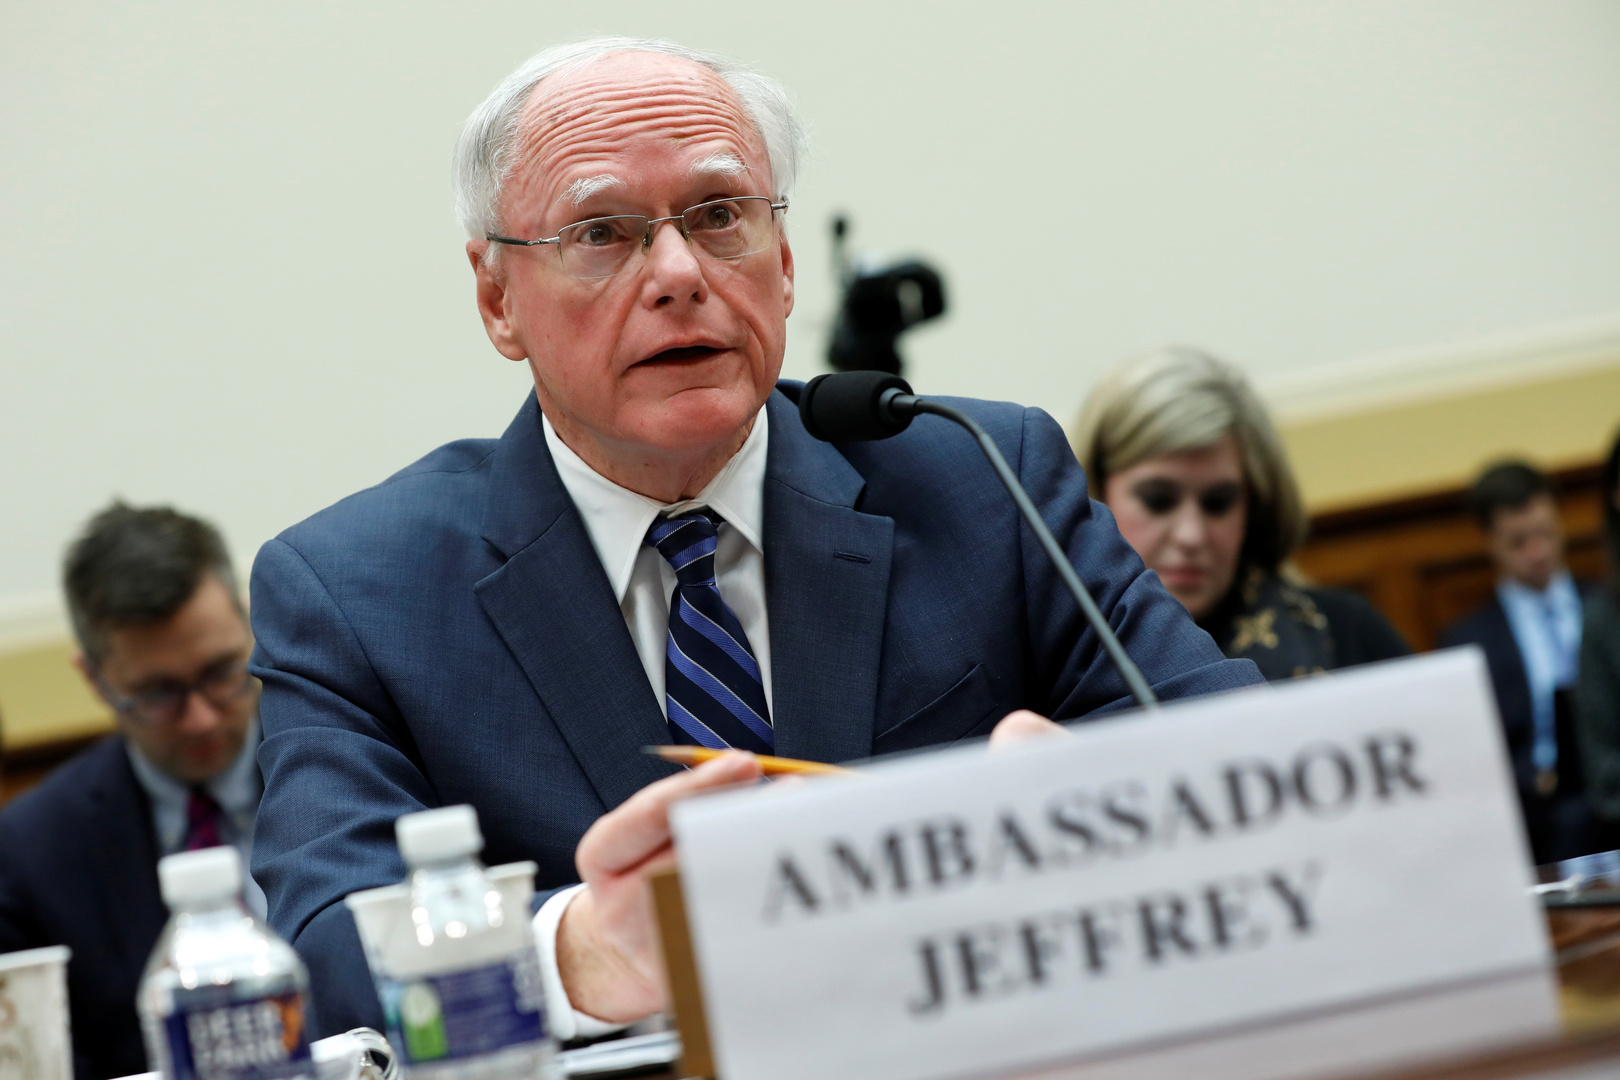 جيفري: أمريكا وتركيا في سوريا تمنعان الأسد من كسب الأرض ولإسرائيل دور سري كبير في محاربة